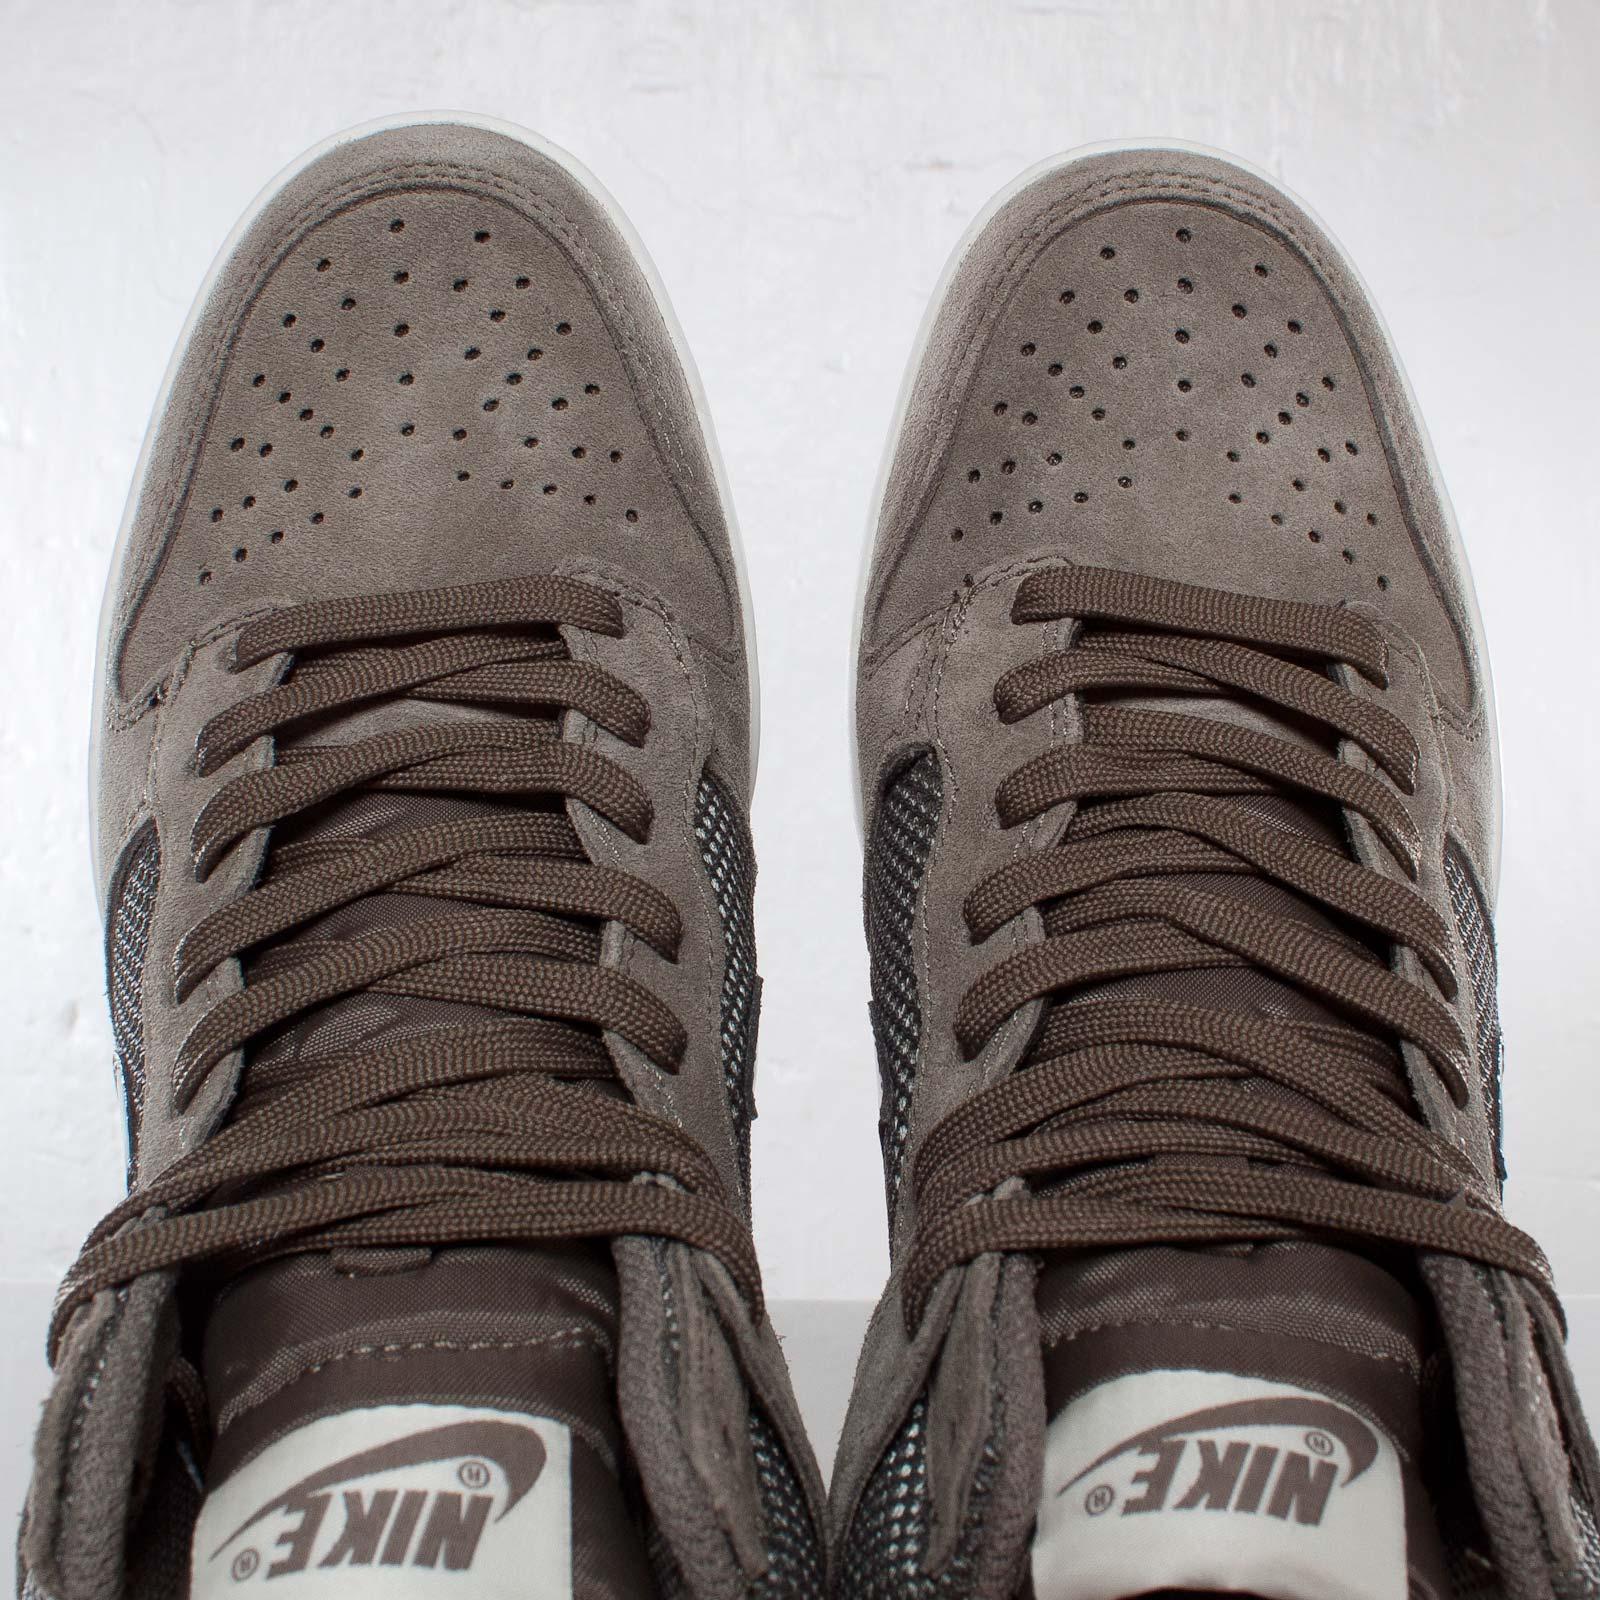 new product 19095 58e42 ... Nike Wmns Dunk Sky Hi Mesh